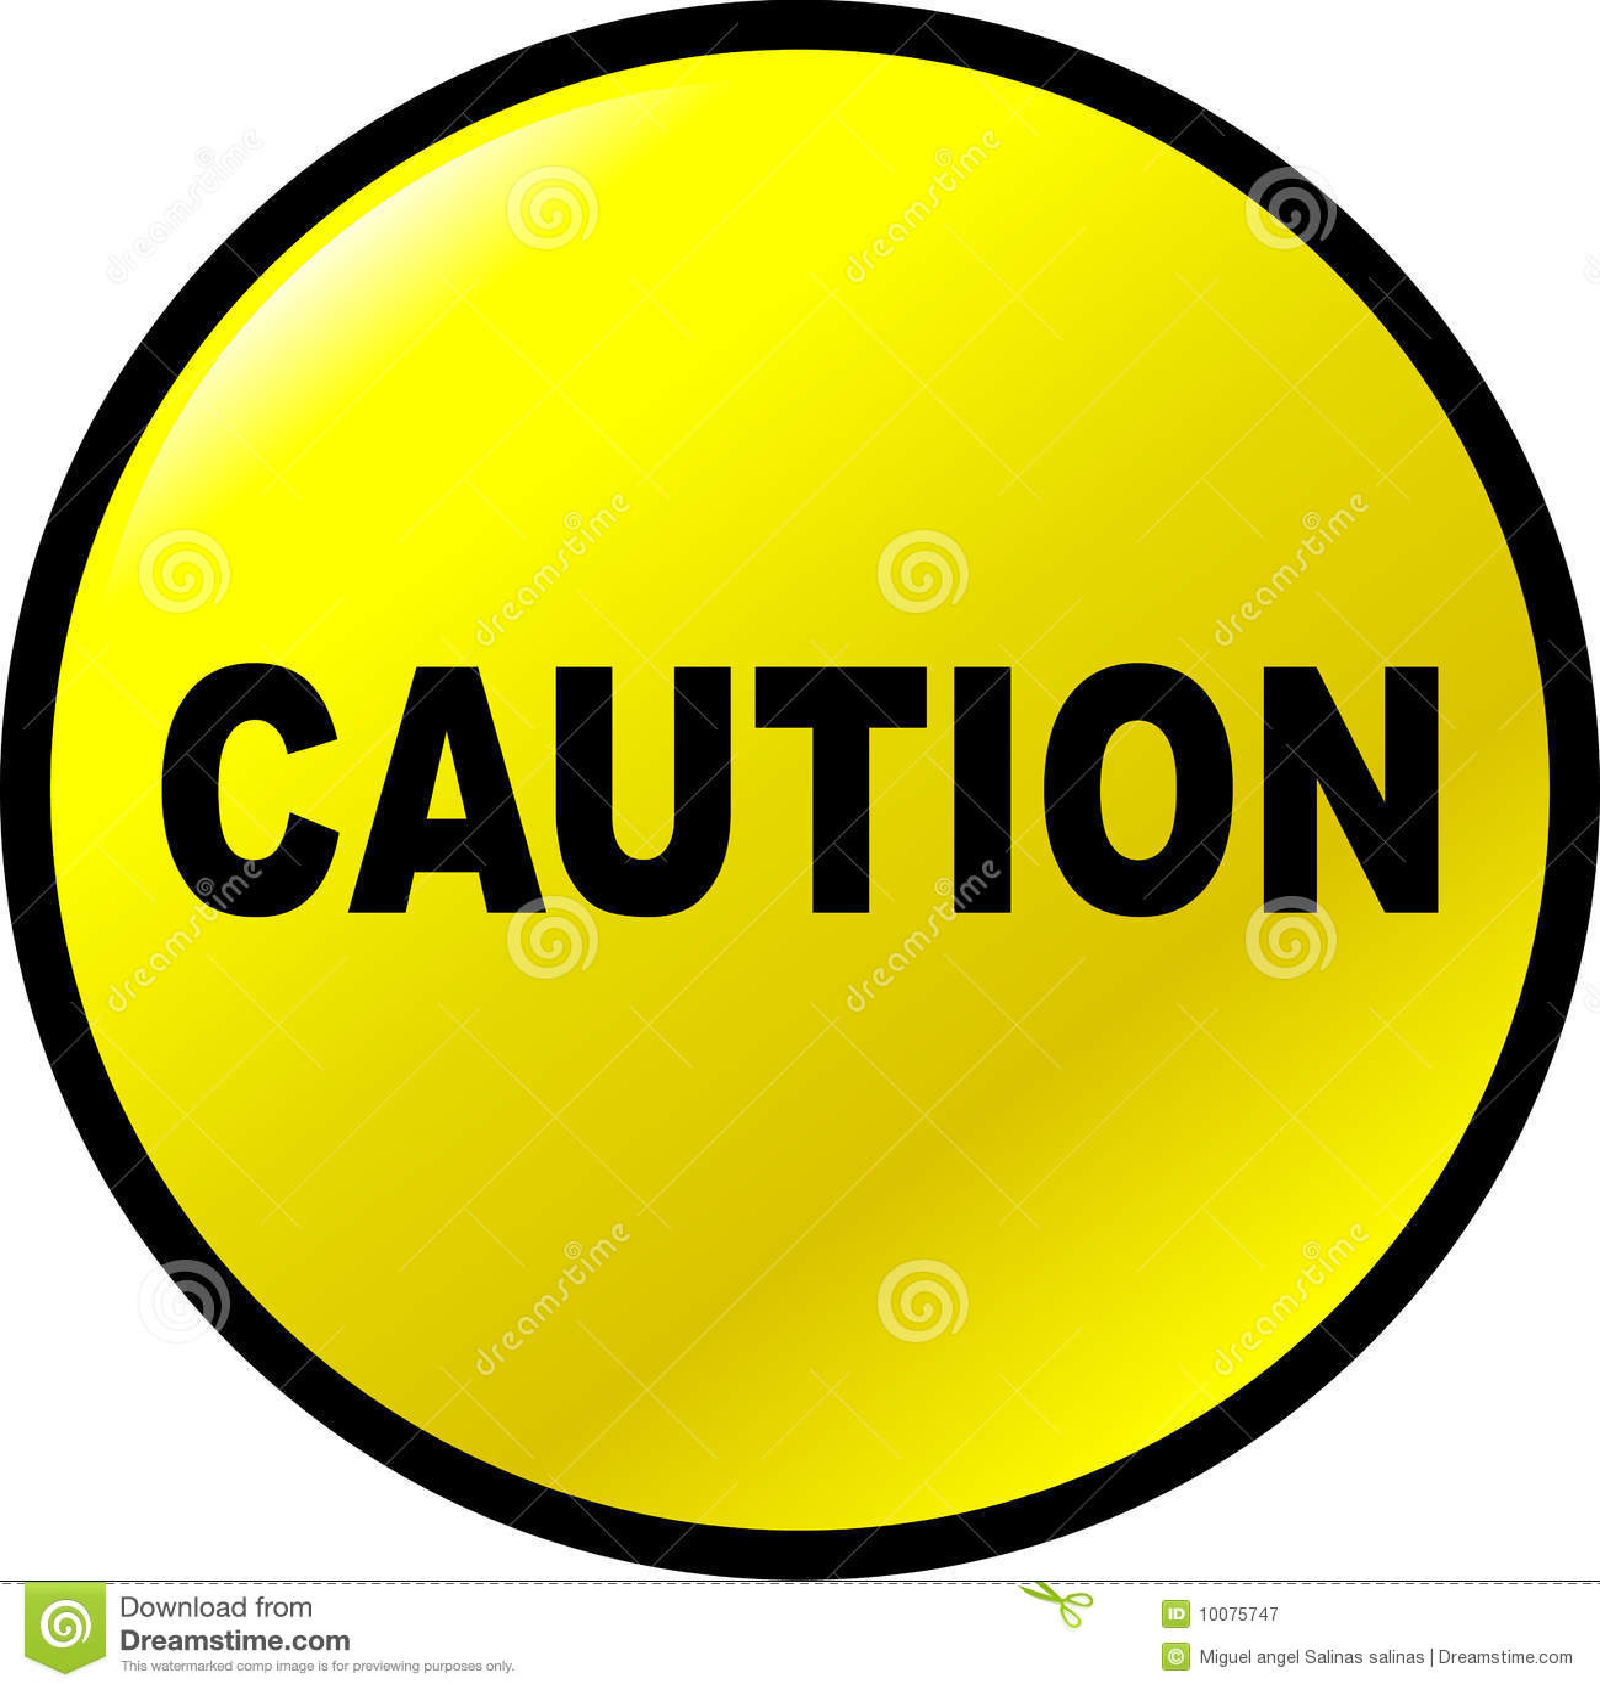 Caution Vector Yellow Button Stock Vector